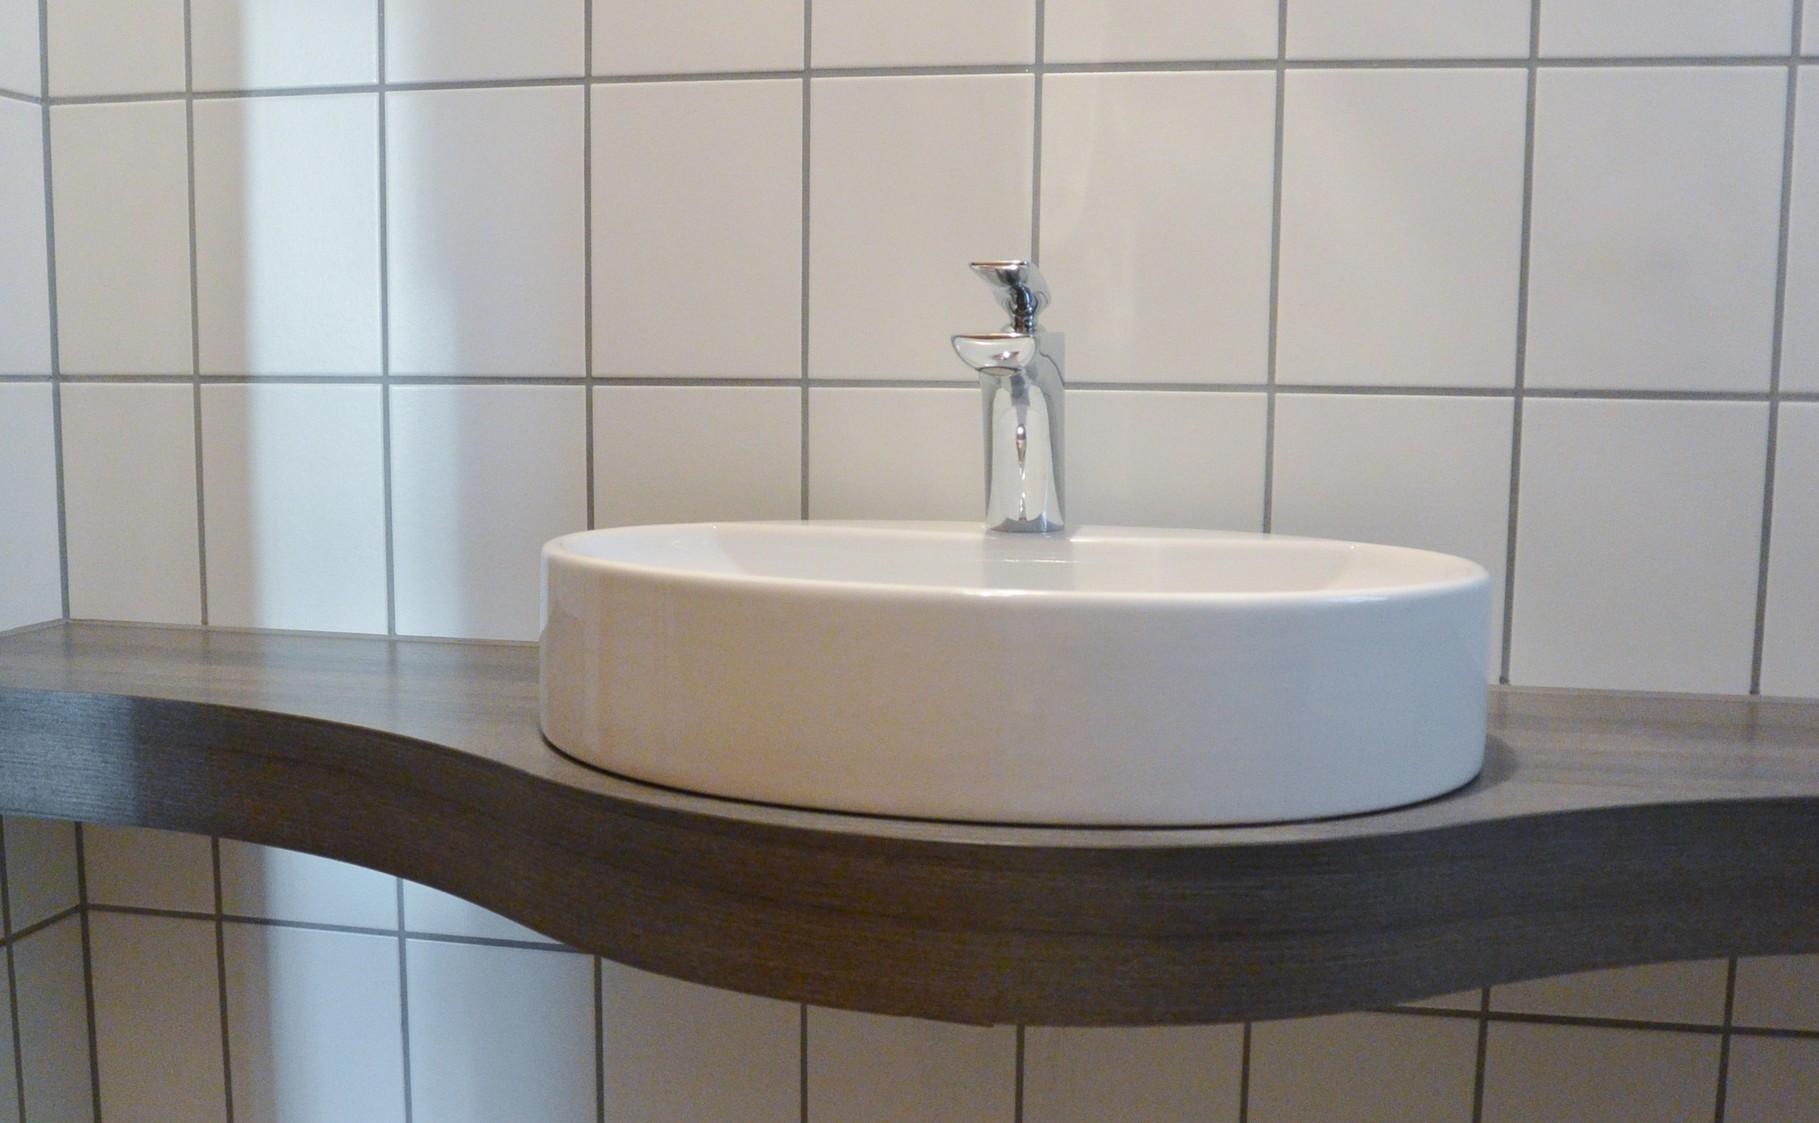 Waschtischplatte geschwungen wie Waschbecken in Holzdekor für Gäste WC